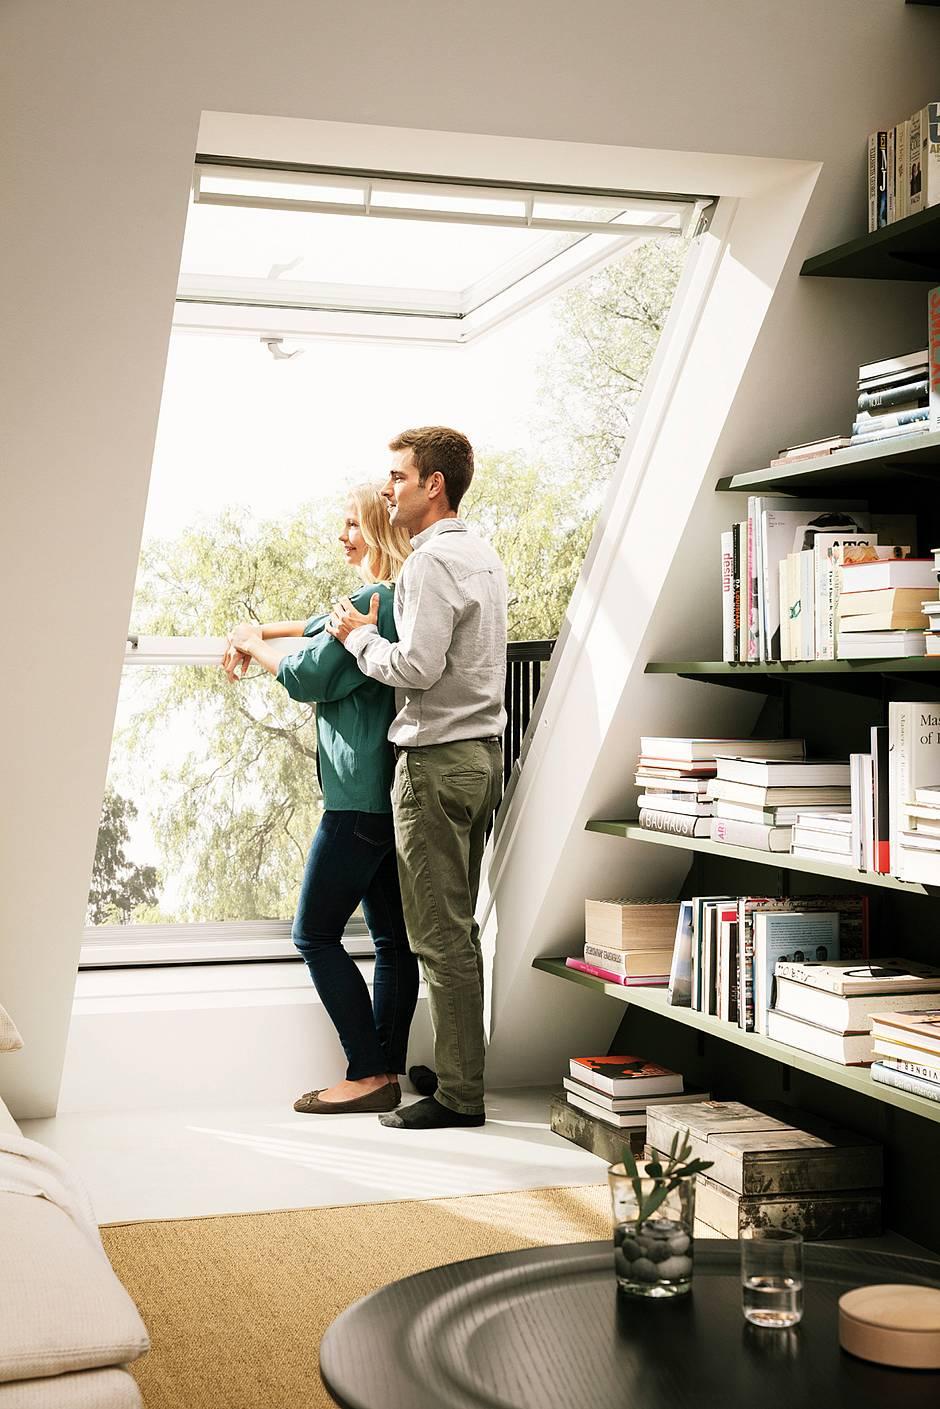 wohn riester neues von der eigenheimrente. Black Bedroom Furniture Sets. Home Design Ideas